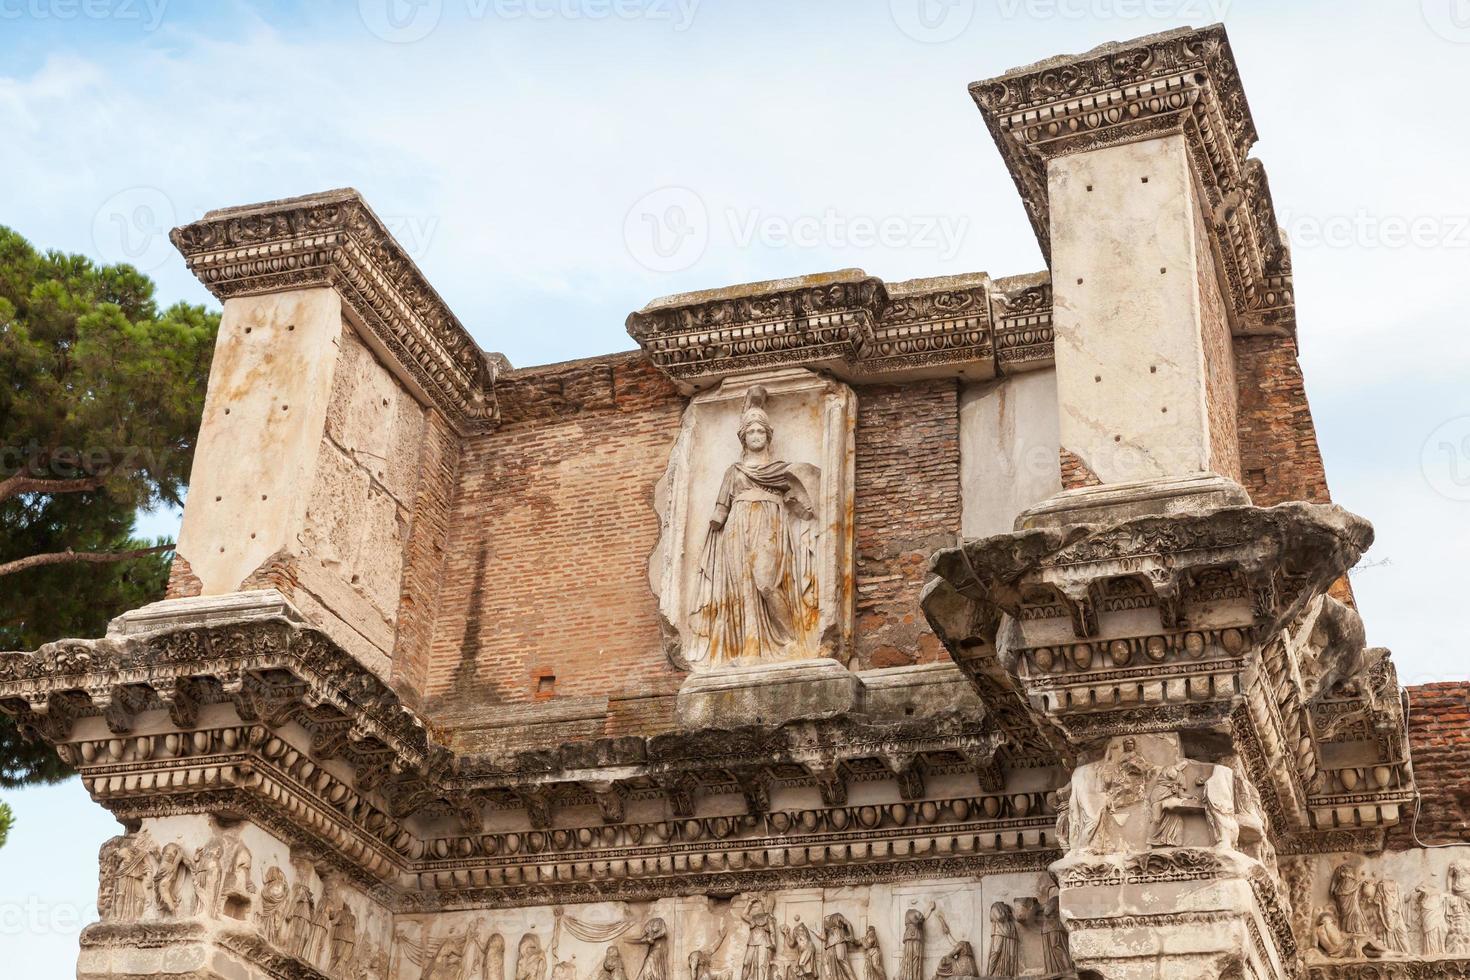 resti del tempio di minerva, roma, italia foto